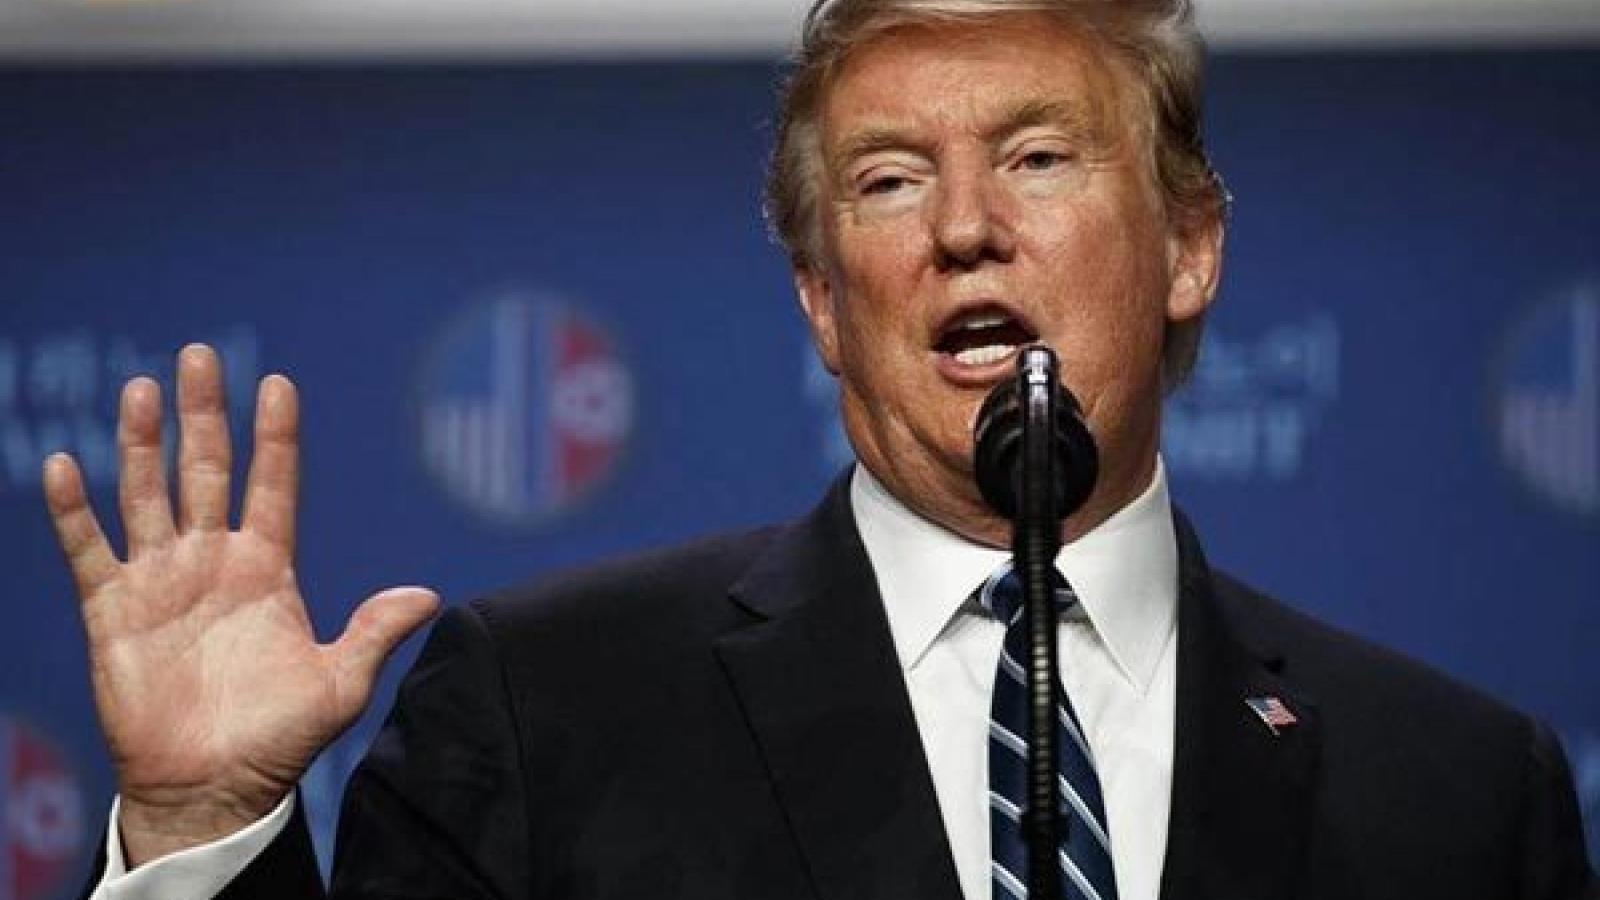 Ông Trump tuyên bố sẽ chấp nhận phán quyết của Tòa án Tối cao về kết quả bầu cử